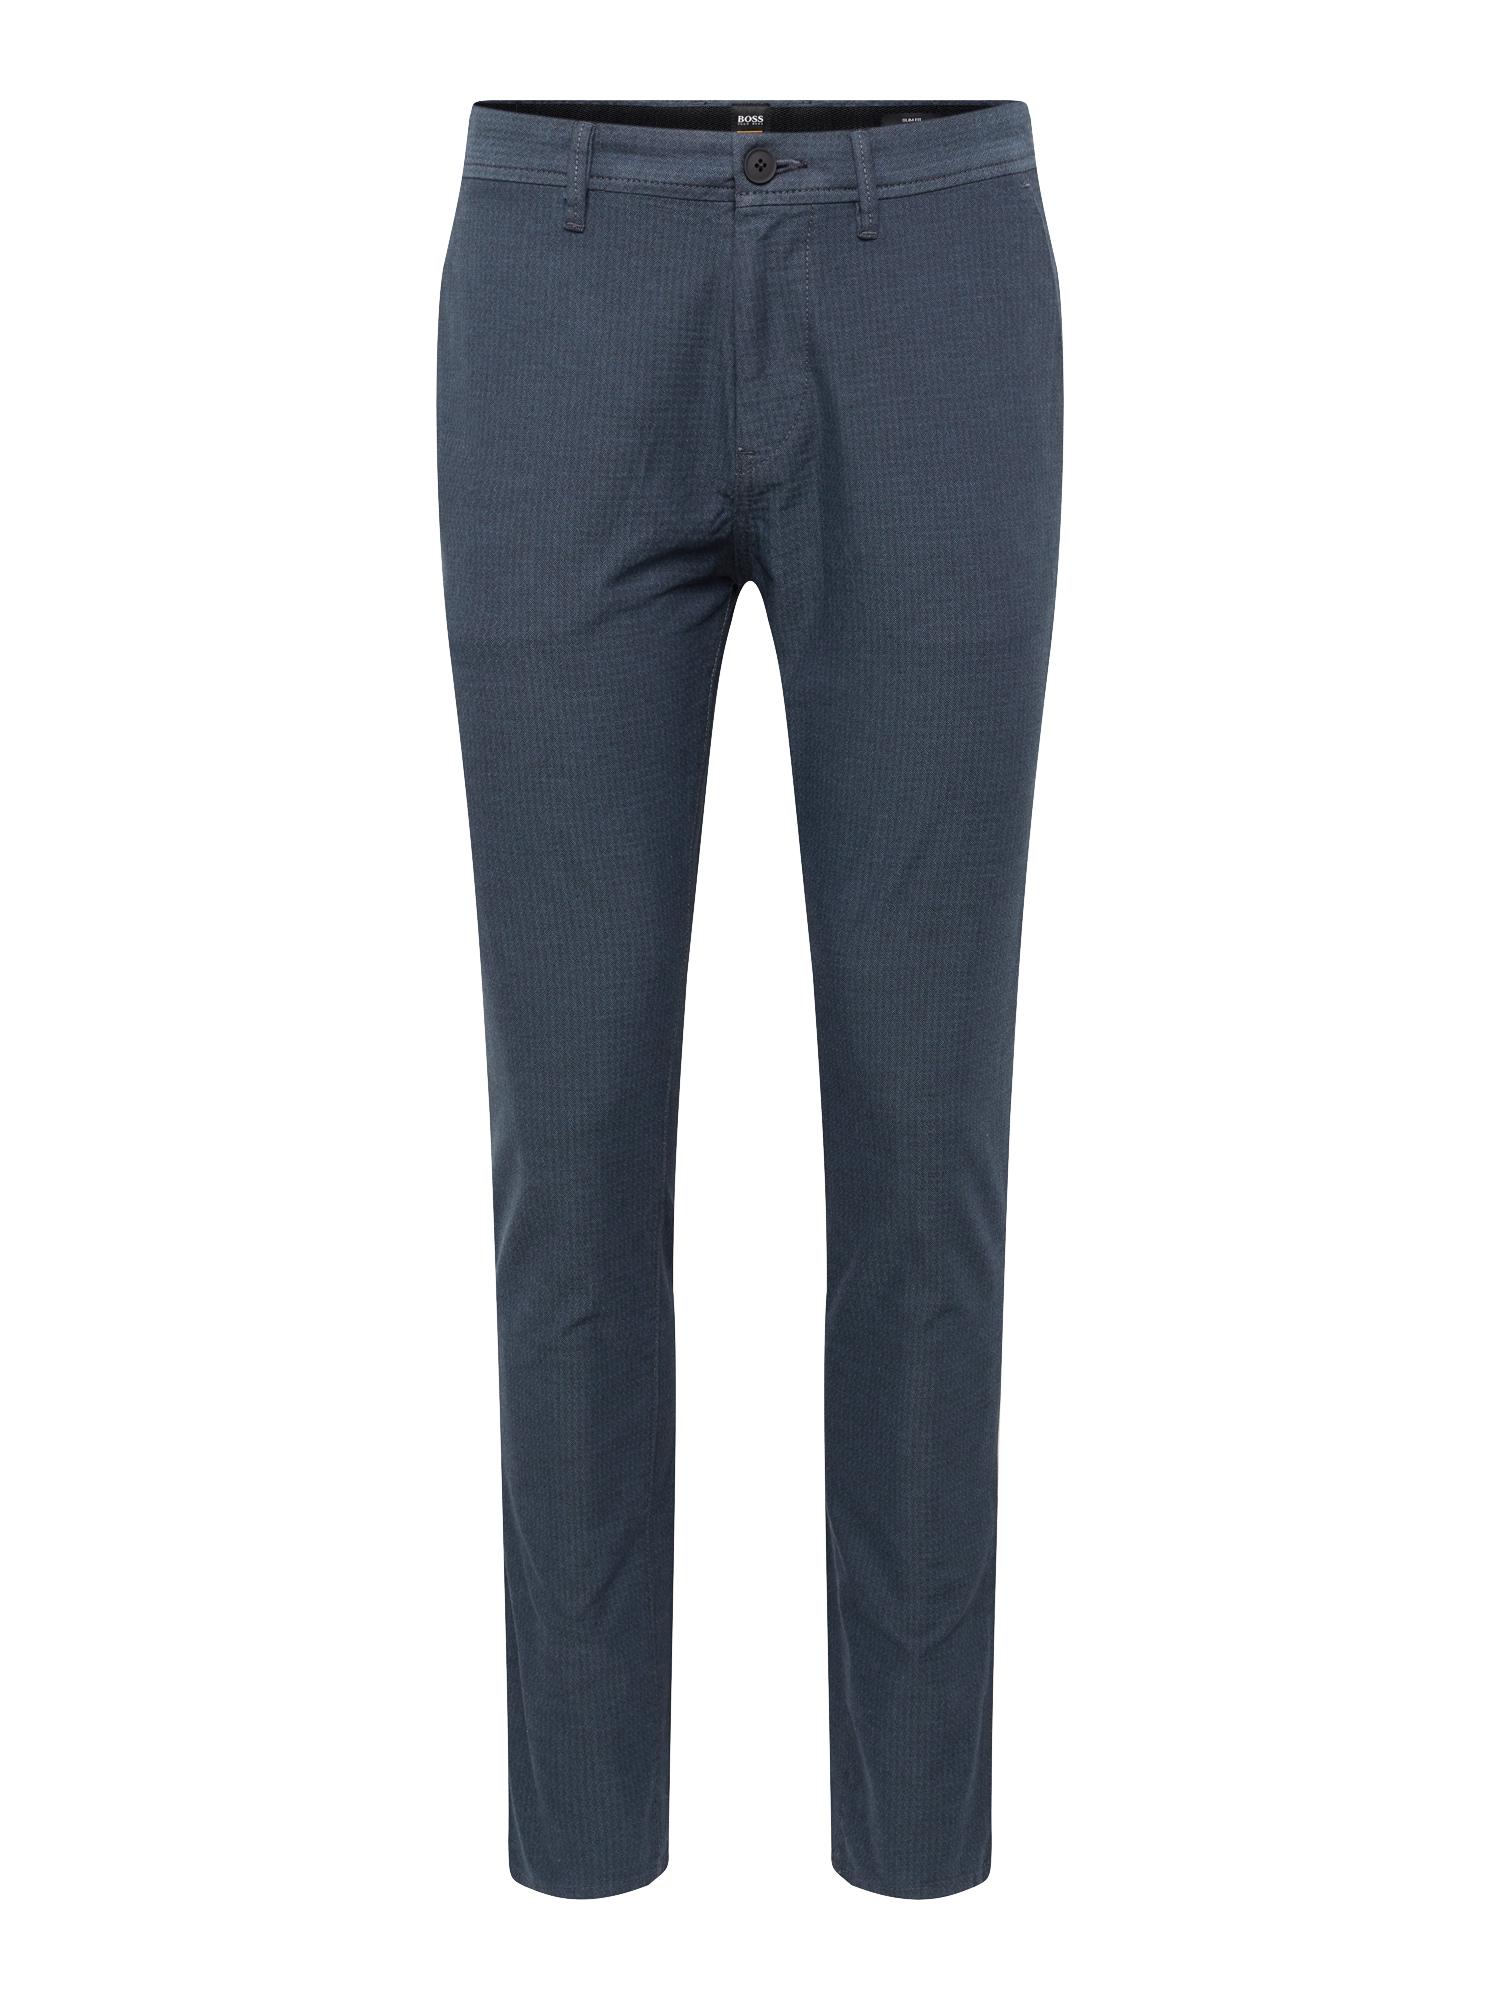 BOSS Chino stiliaus kelnės 'Schino-Modern 10212723 01' melsvai pilka